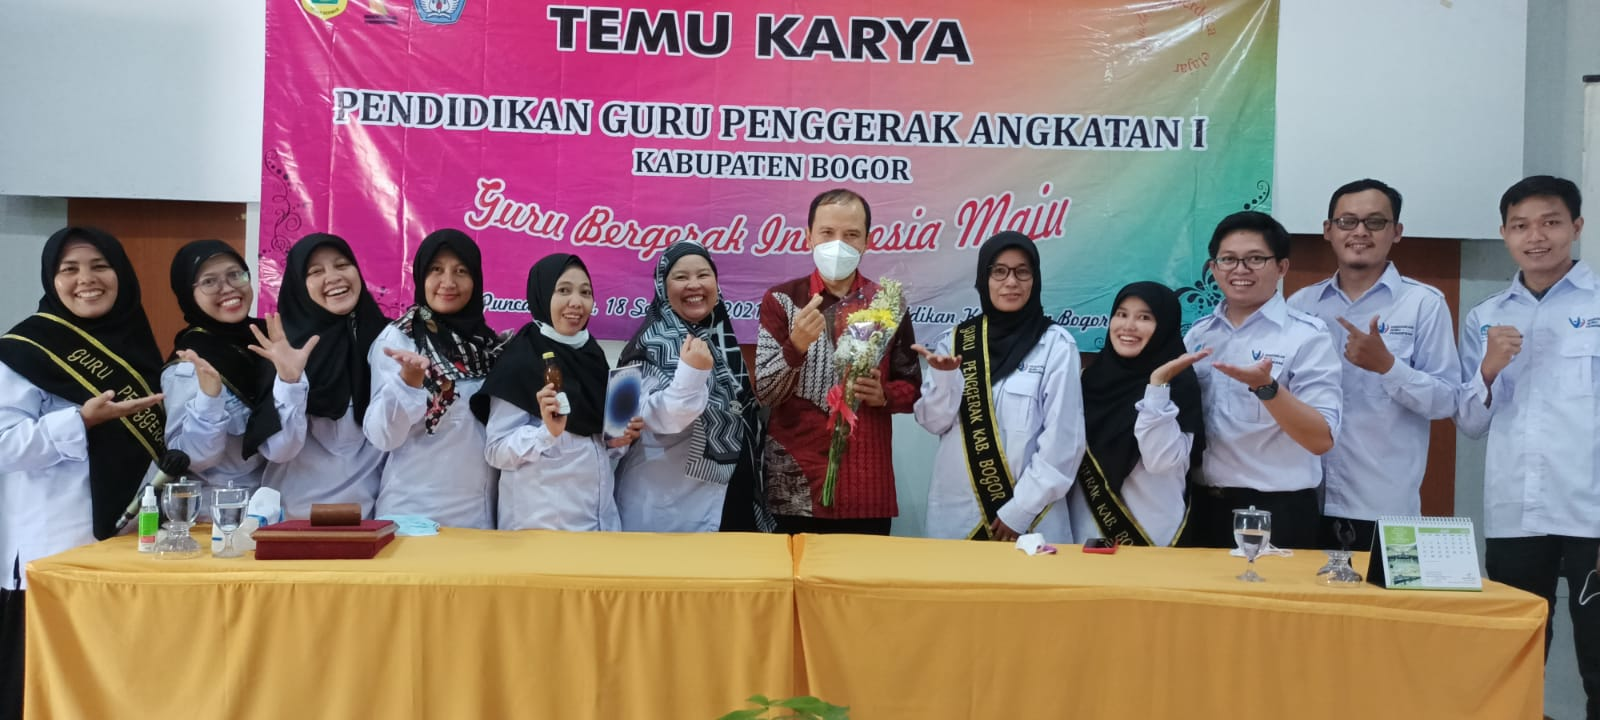 87 Guru Penggerak Kabupaten Bogor Pamerkan Hasil Inovasi